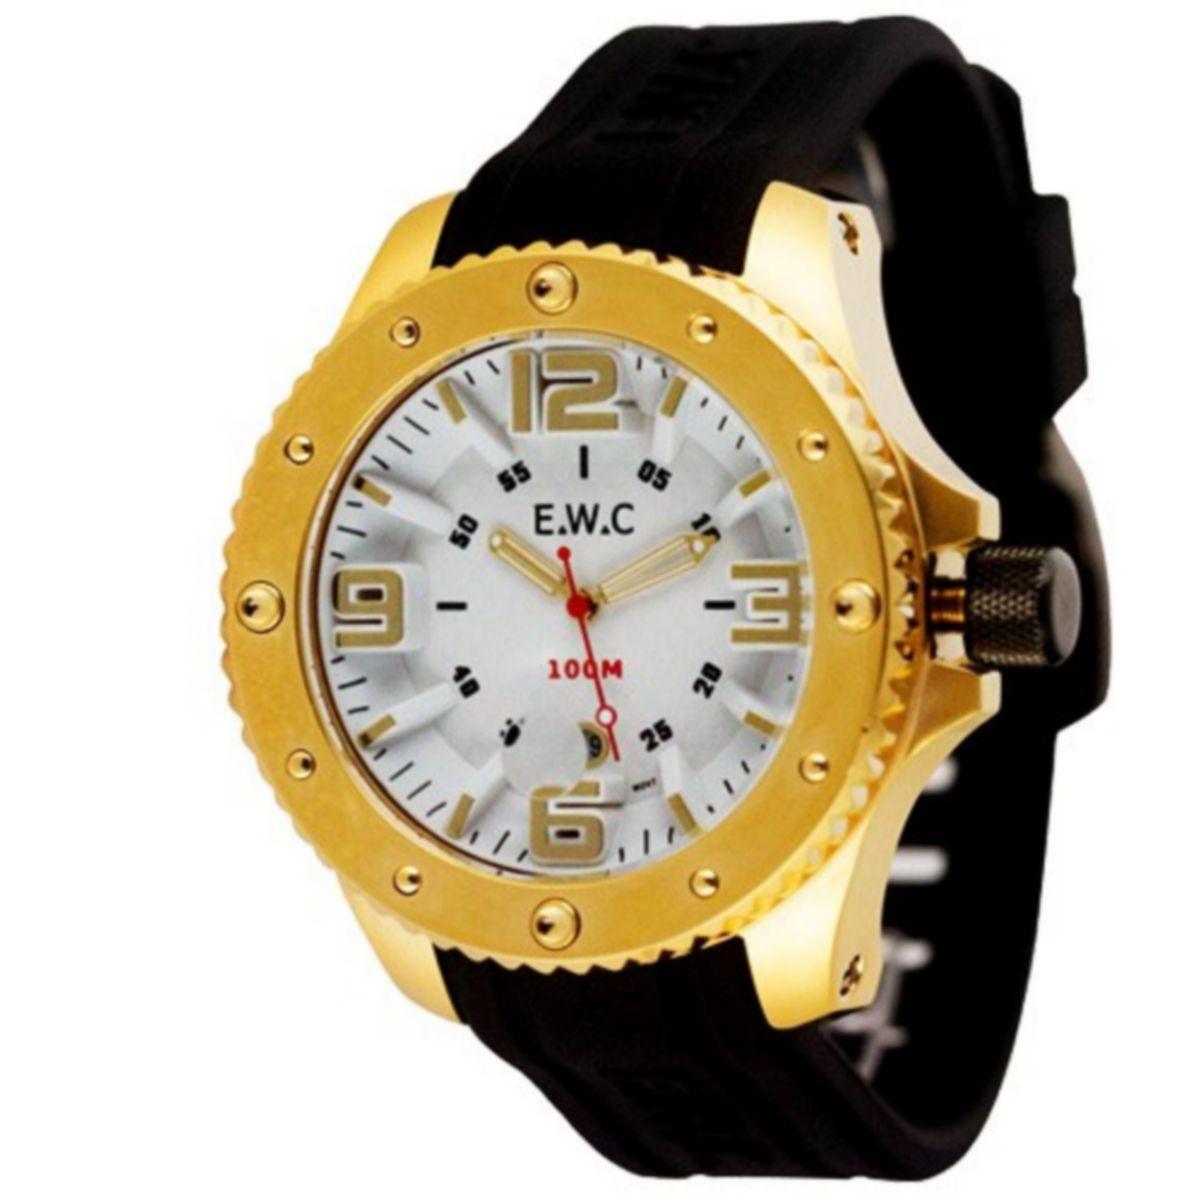 Relógio E.W.C Masculino Analógico Dourado Borracha Preto Aço Inox Colossal EUT15100-B